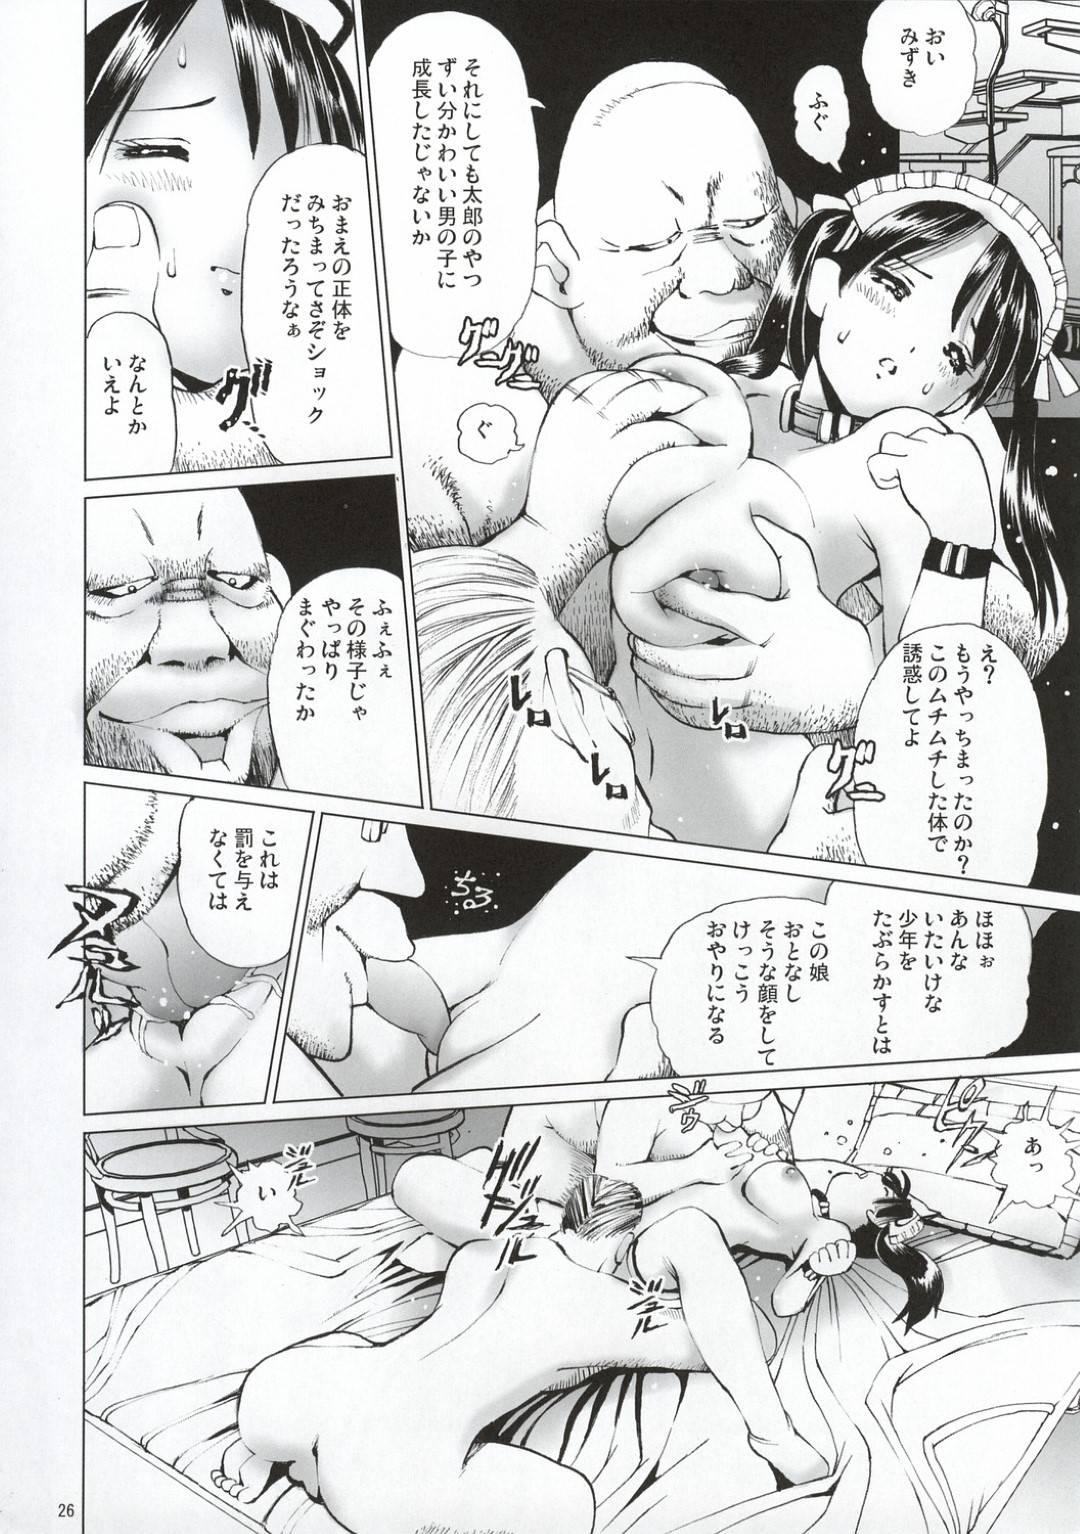 【エロ同人誌】変態オヤジ2人を性処理させられる美少女メイド。全身しつこく舐められてアナルファックで大量中出しされたあと二穴同時責めの連続中出し輪姦レイプで陵辱されてしまう【オリジナル/C64】